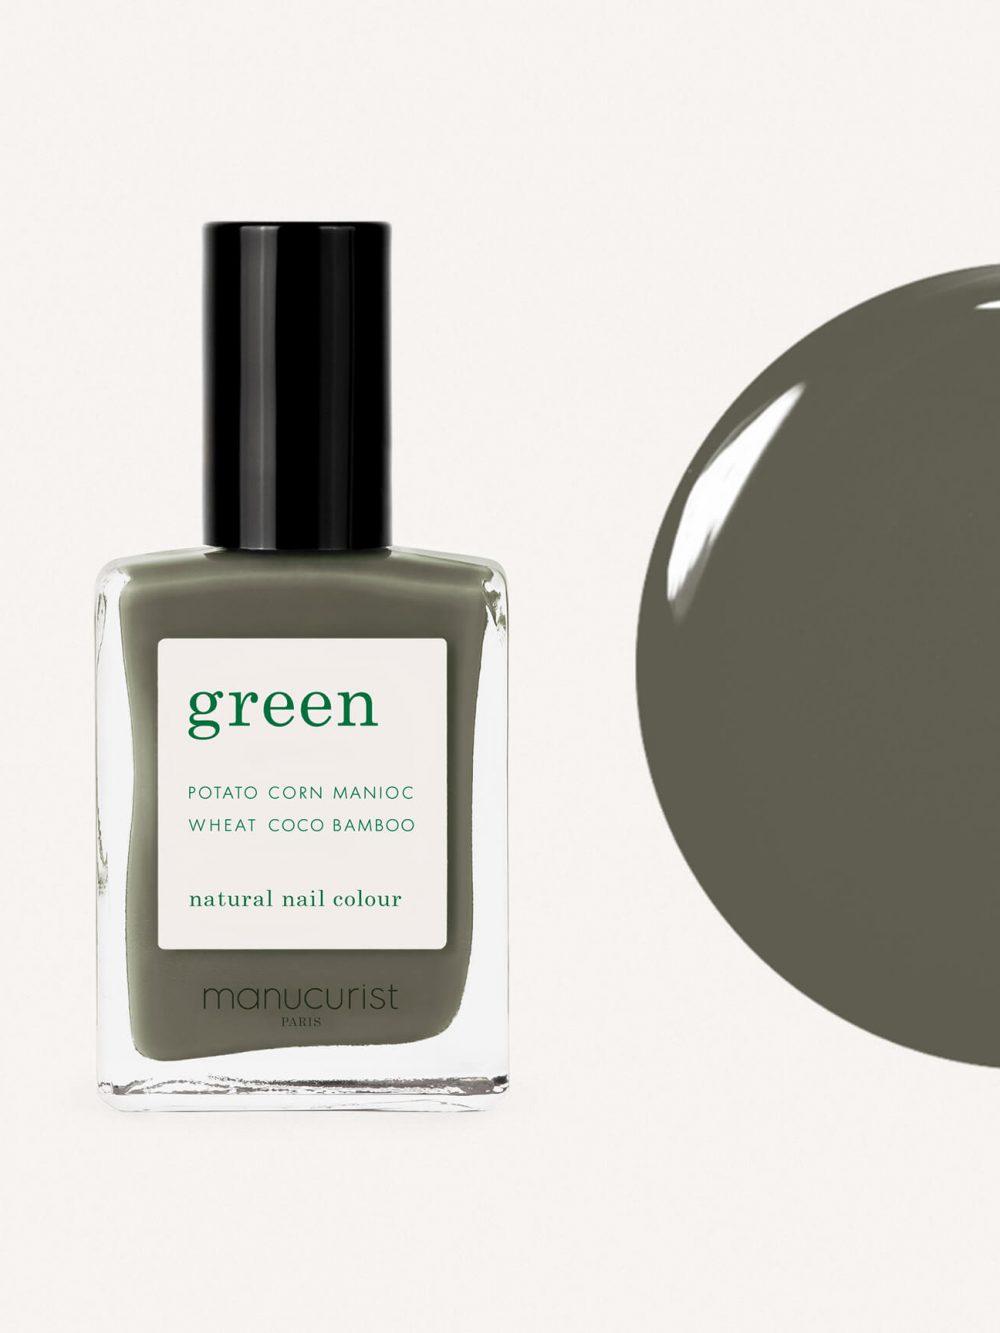 vernis à ongles bio green de la marque Manucurist made in france de couleur vert khaki